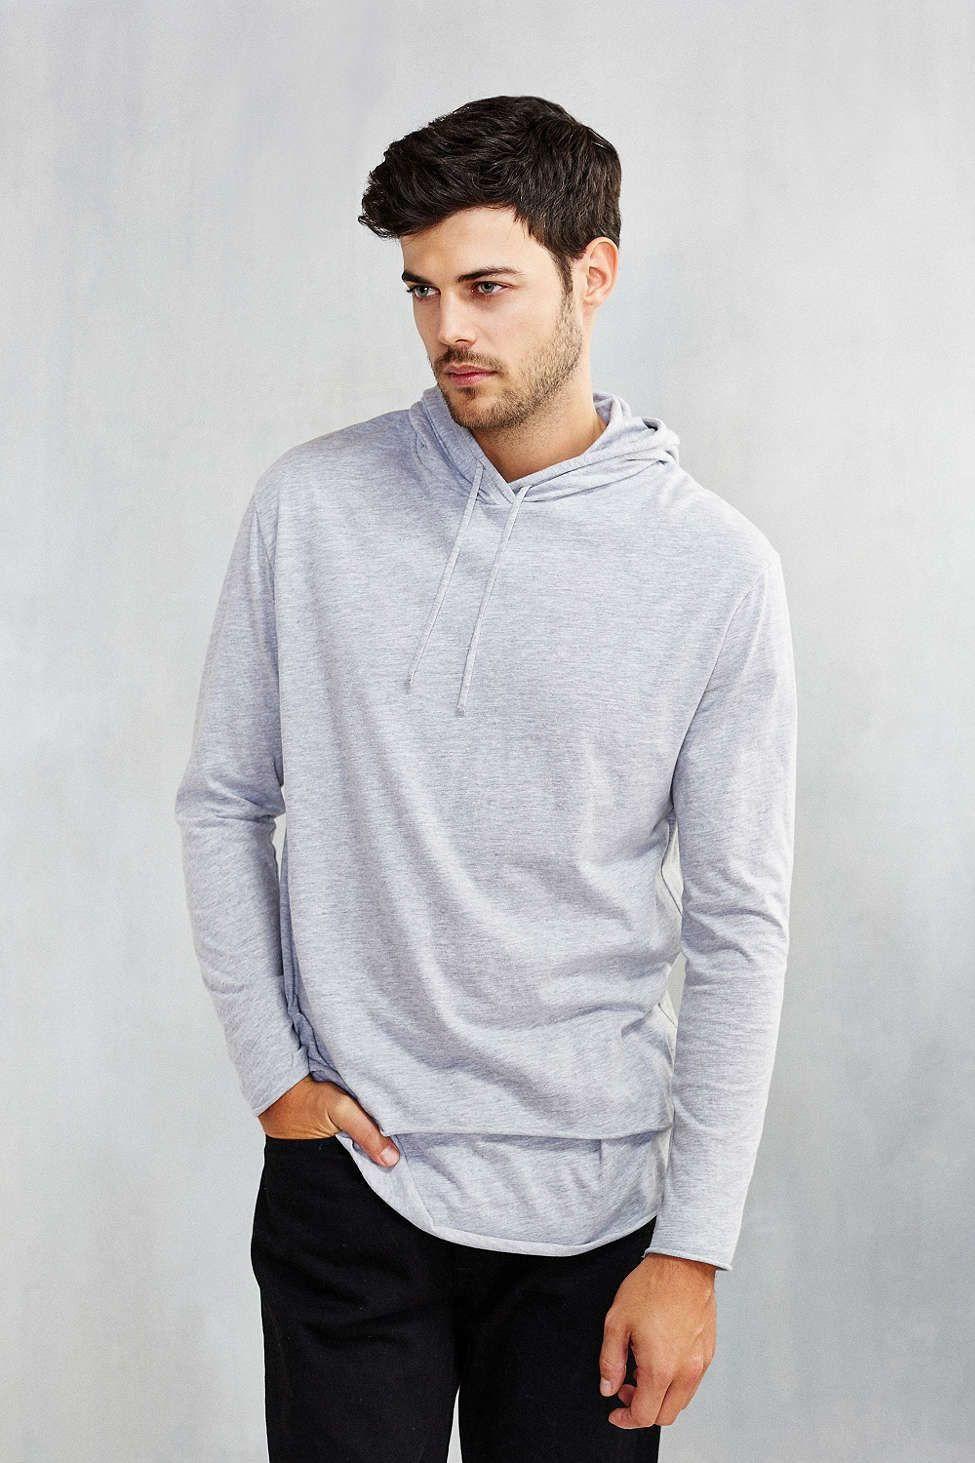 Double Layer Hoodie Sweatshirt Layered Hoodie Long Sleeve Tshirt Men Sweatshirts Hoodie [ 1463 x 975 Pixel ]